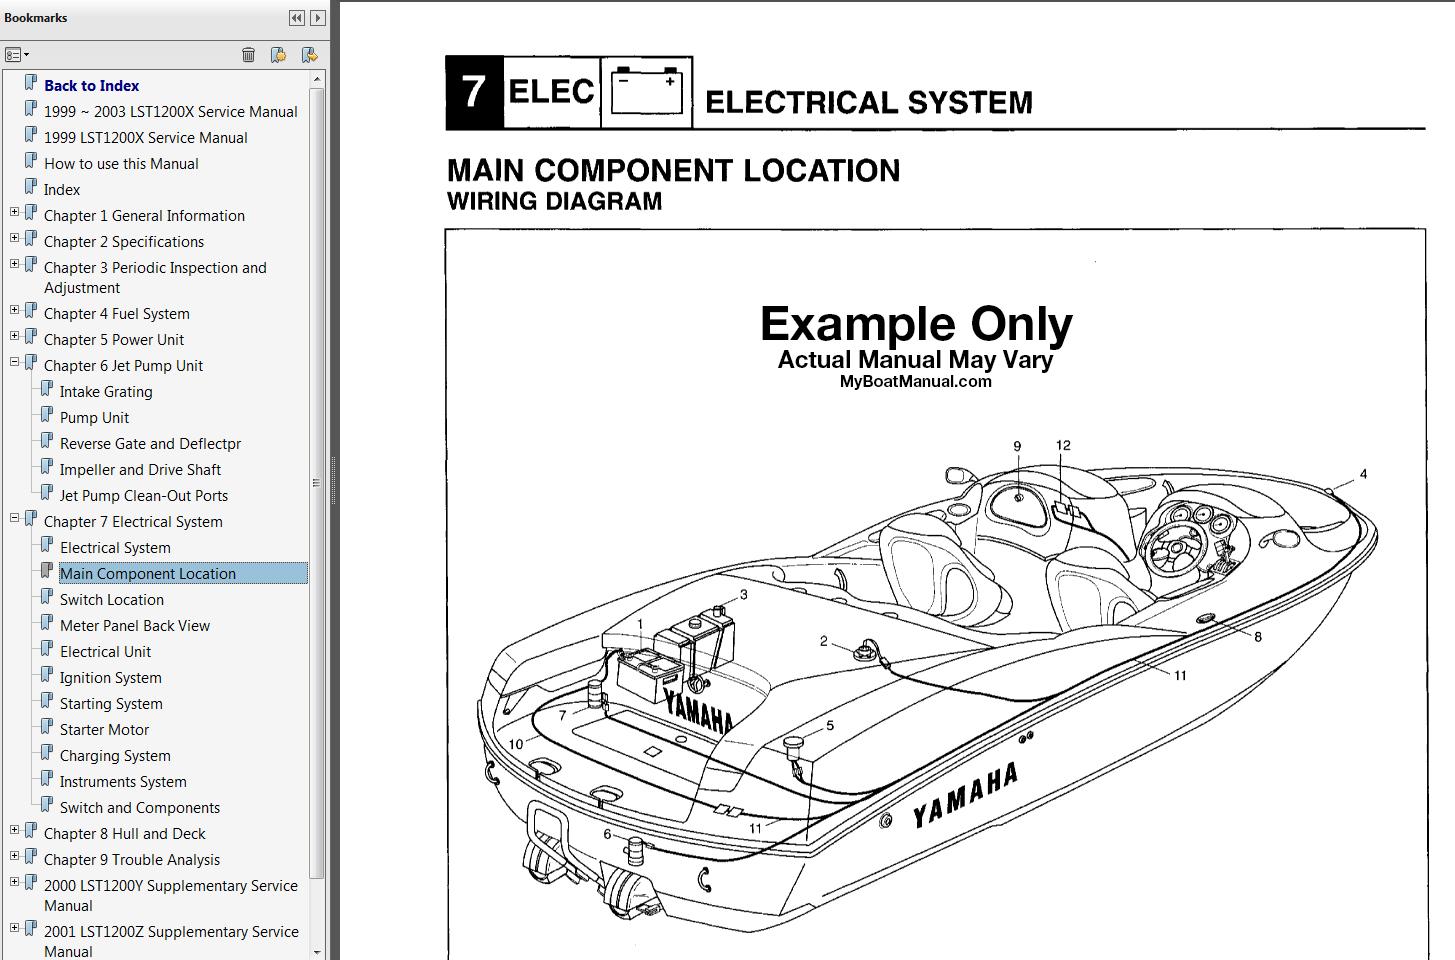 Yamaha Ls2000 Wiring Diagram | Wiring Schematic Diagram on